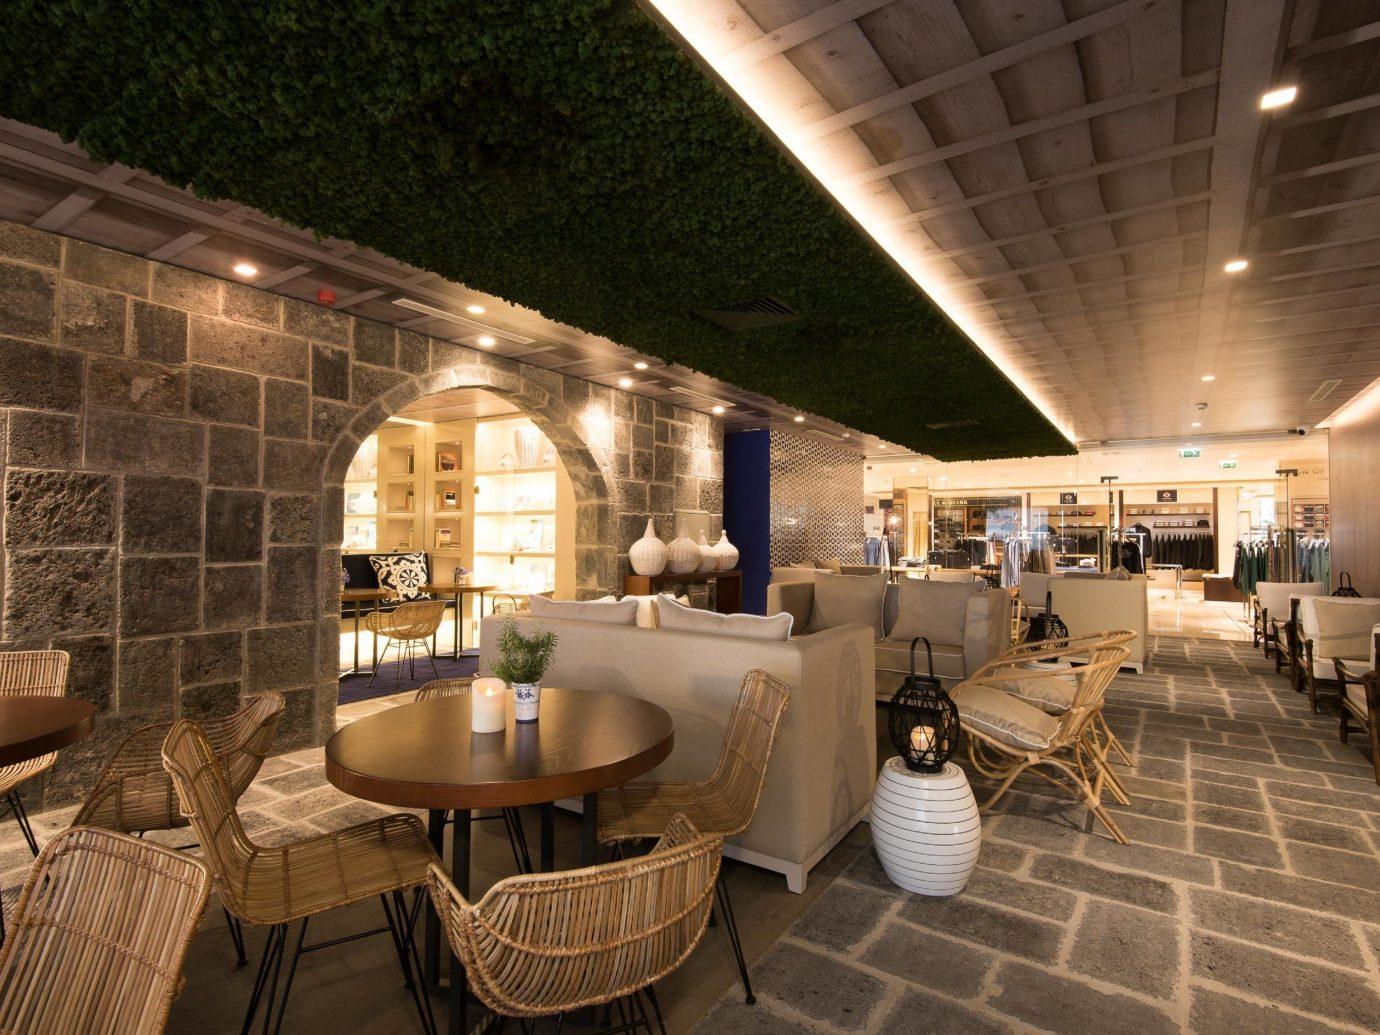 Portugal Trip Ideas interior design restaurant ceiling café